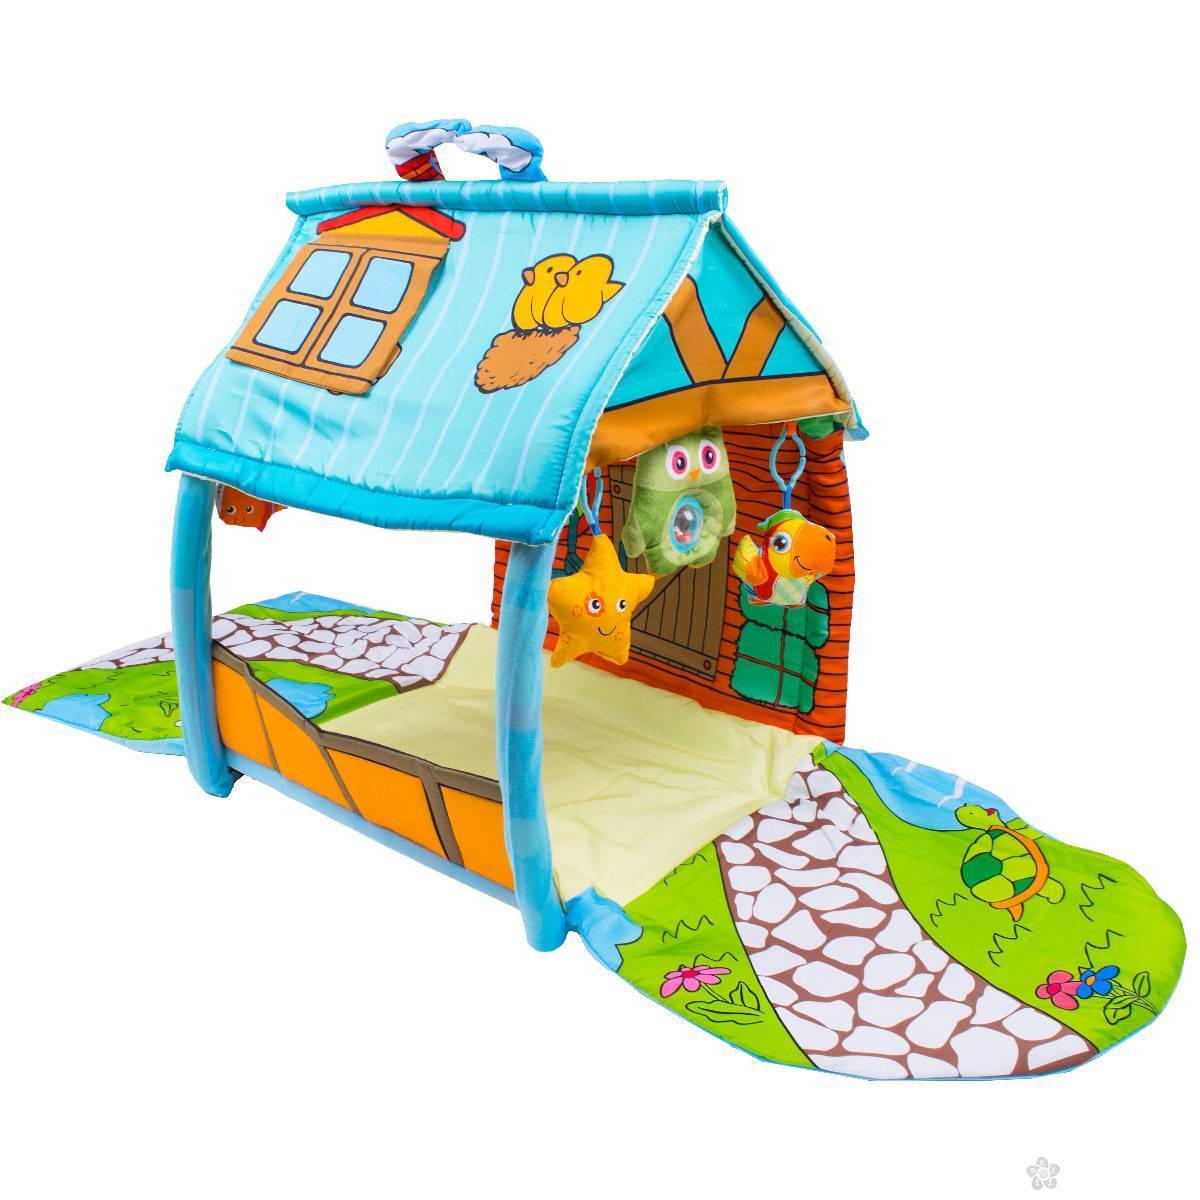 Jungle podloga sa kućicom 013004